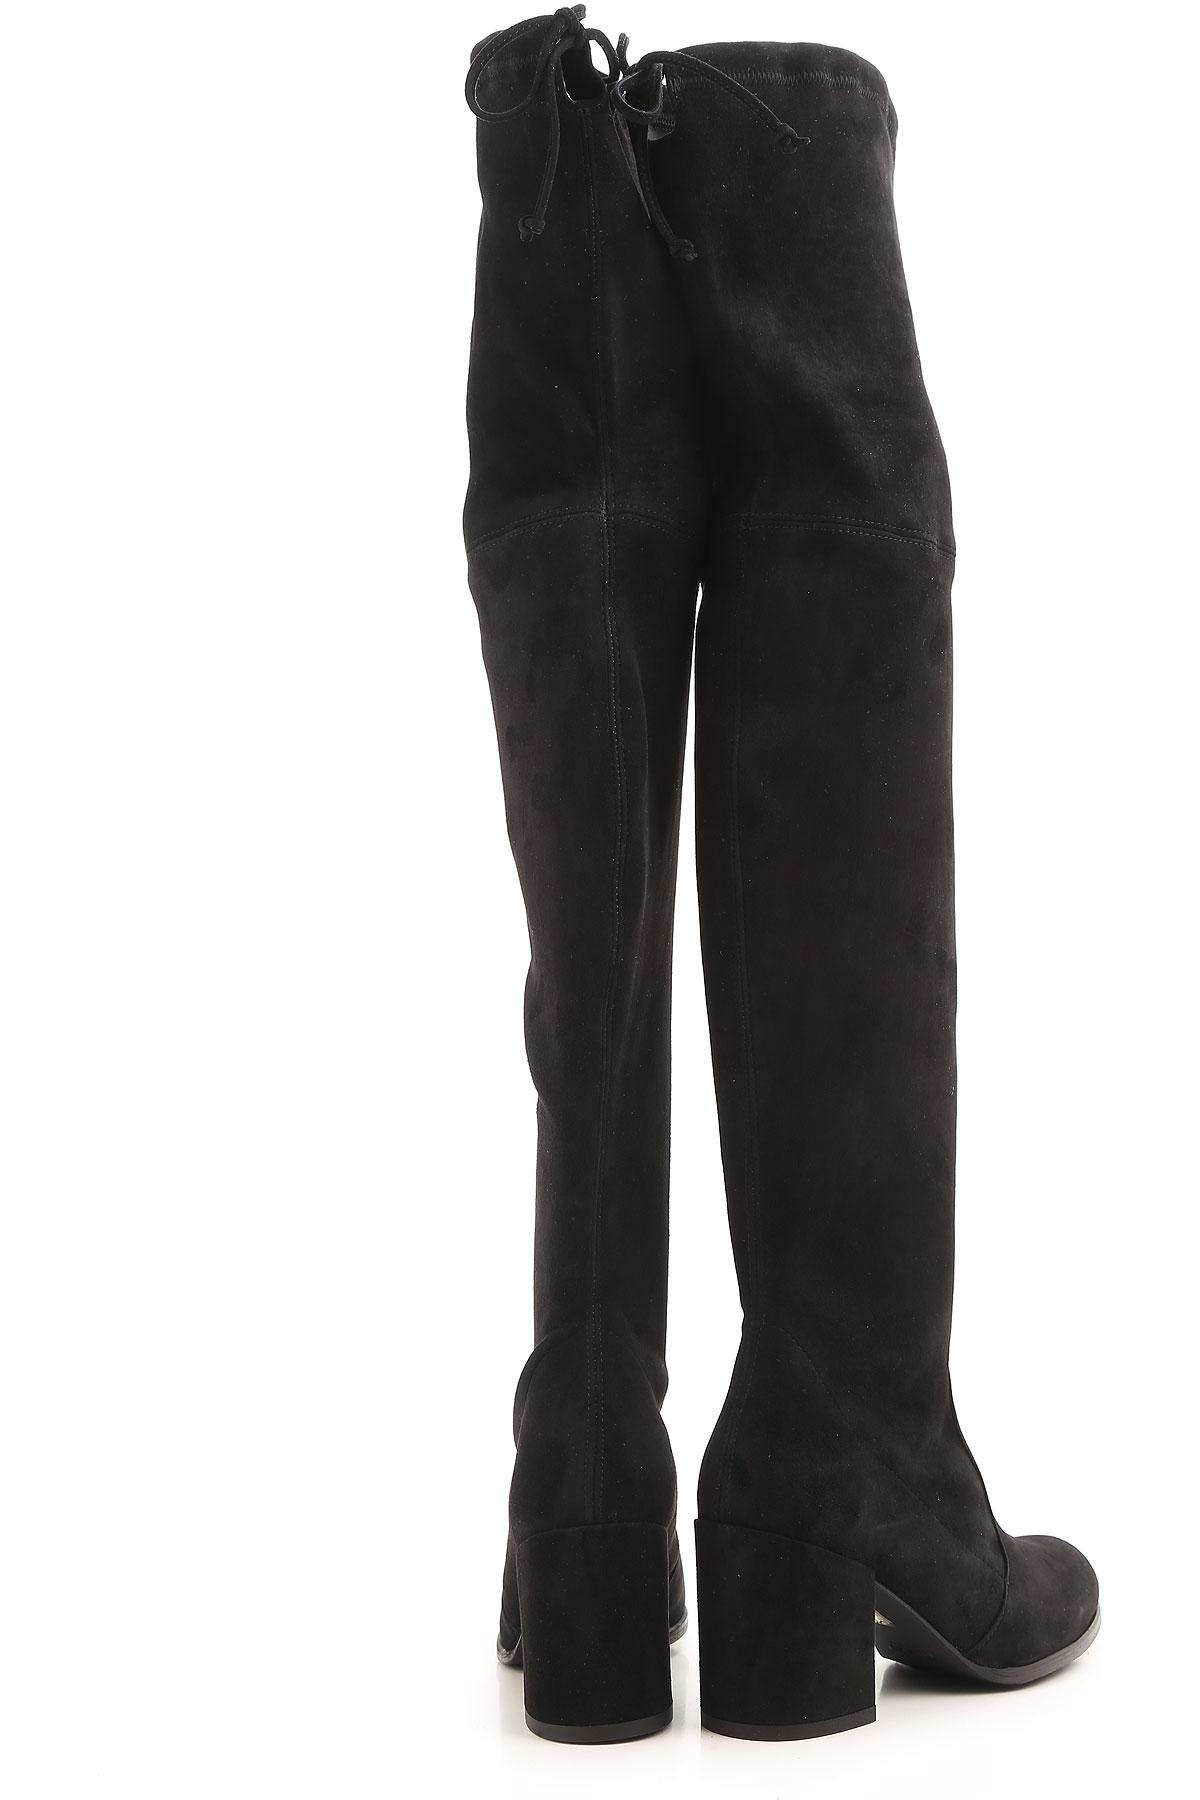 Stuart Weitzman Boots for Women, Booties On Sale, Black, suede, 2019, 9